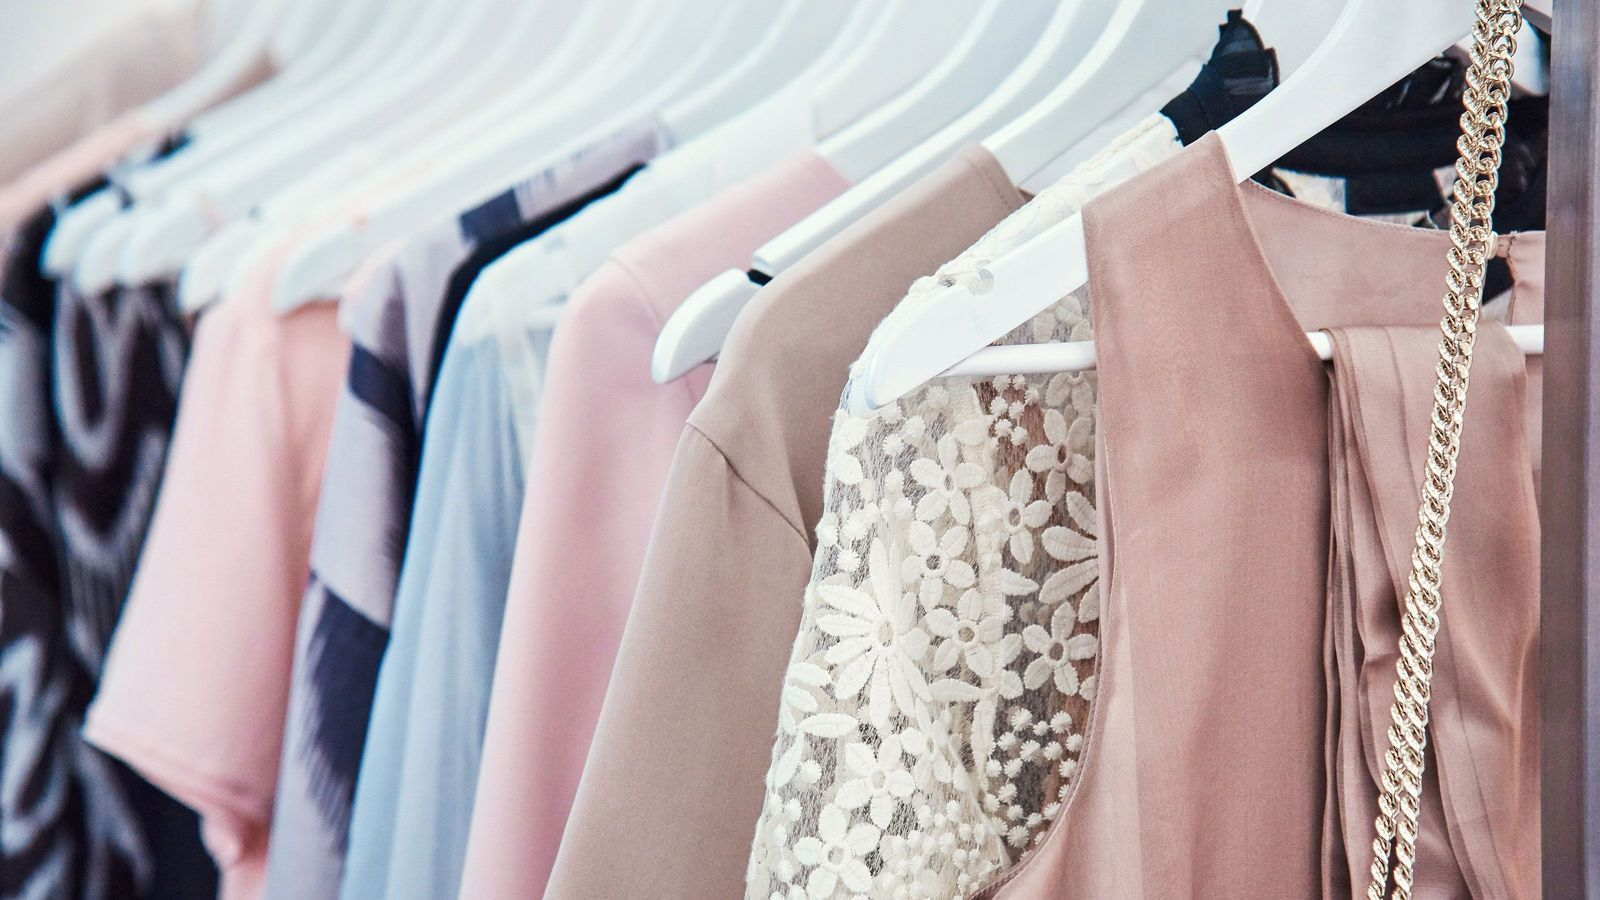 月5800円借り放題「服のサブスク」が儲かるワケ